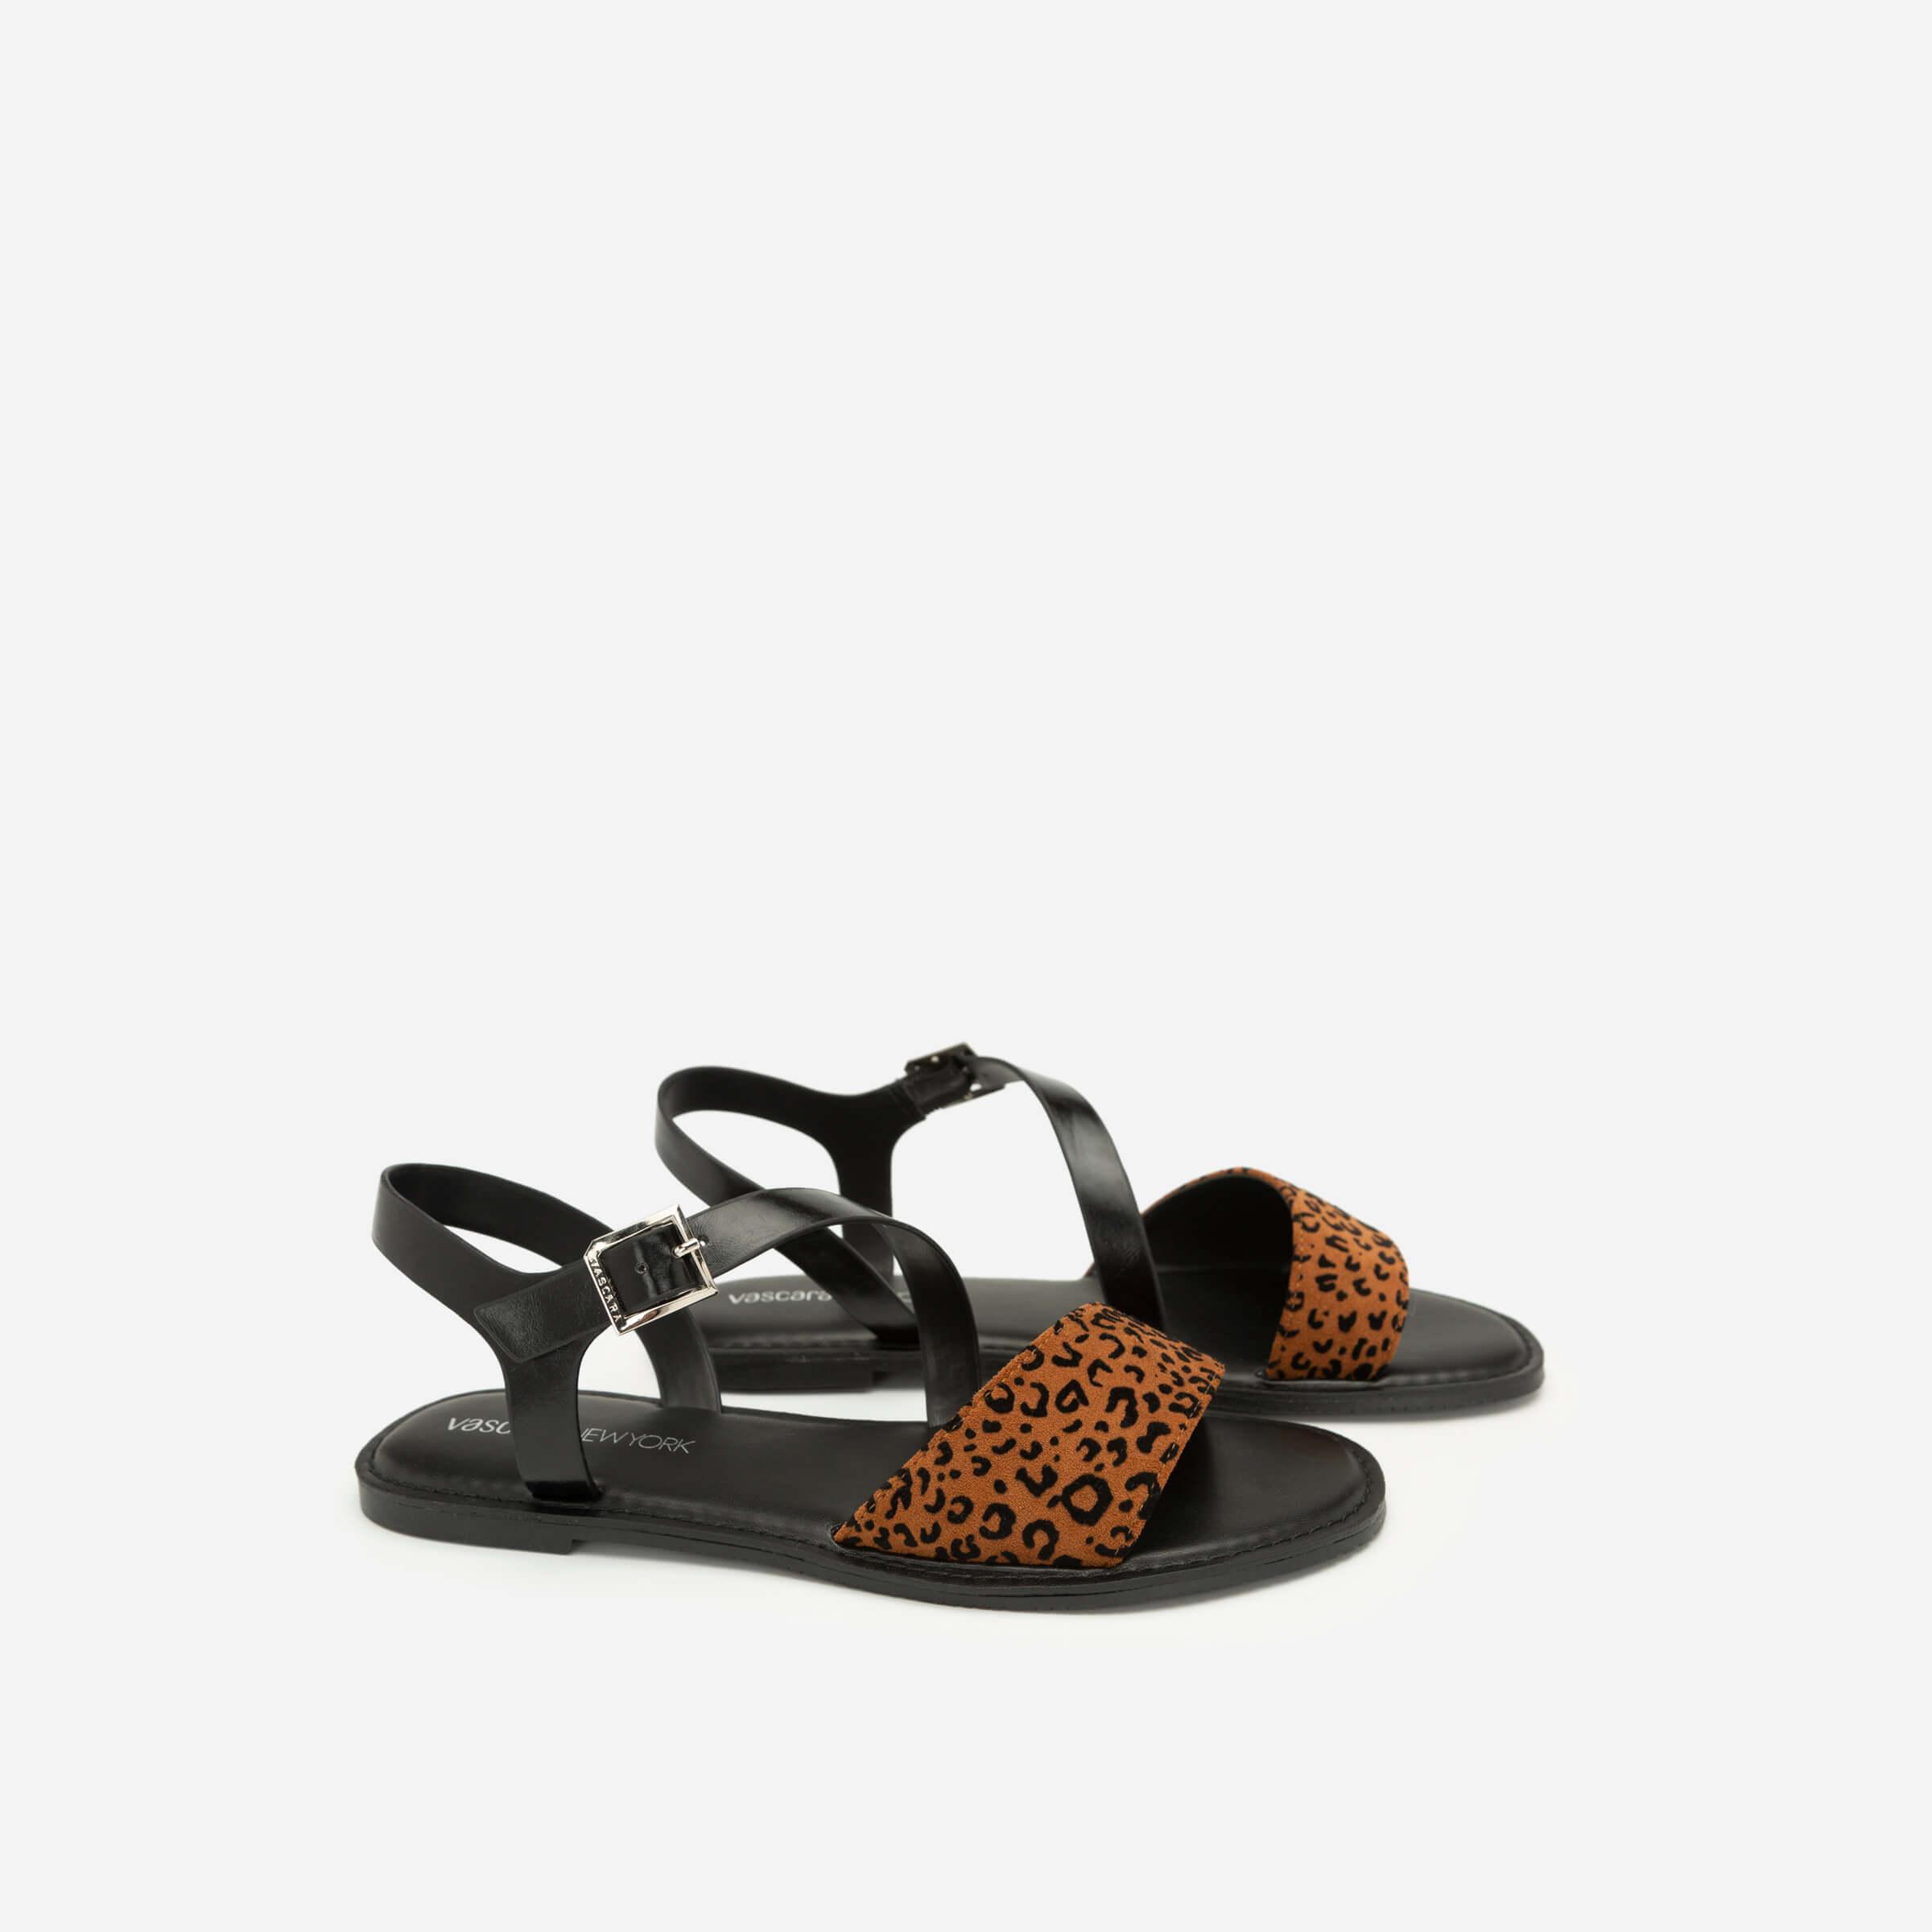 Giày sandal họa tiết da báo Vascara SDK 0305